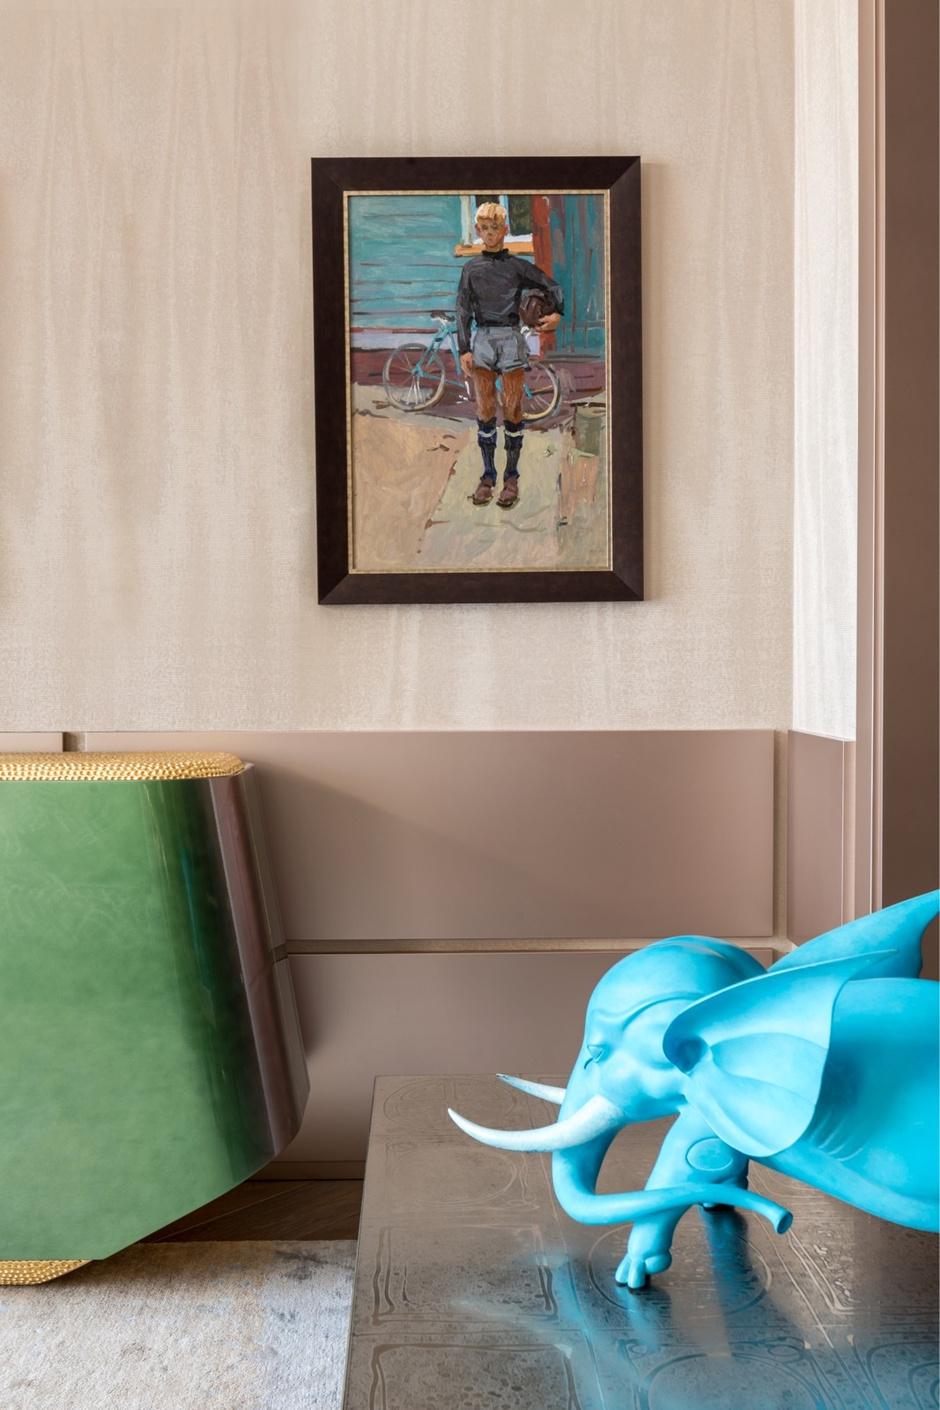 Золото на голубом: квартира 90 м² в Петербурге (фото 5)